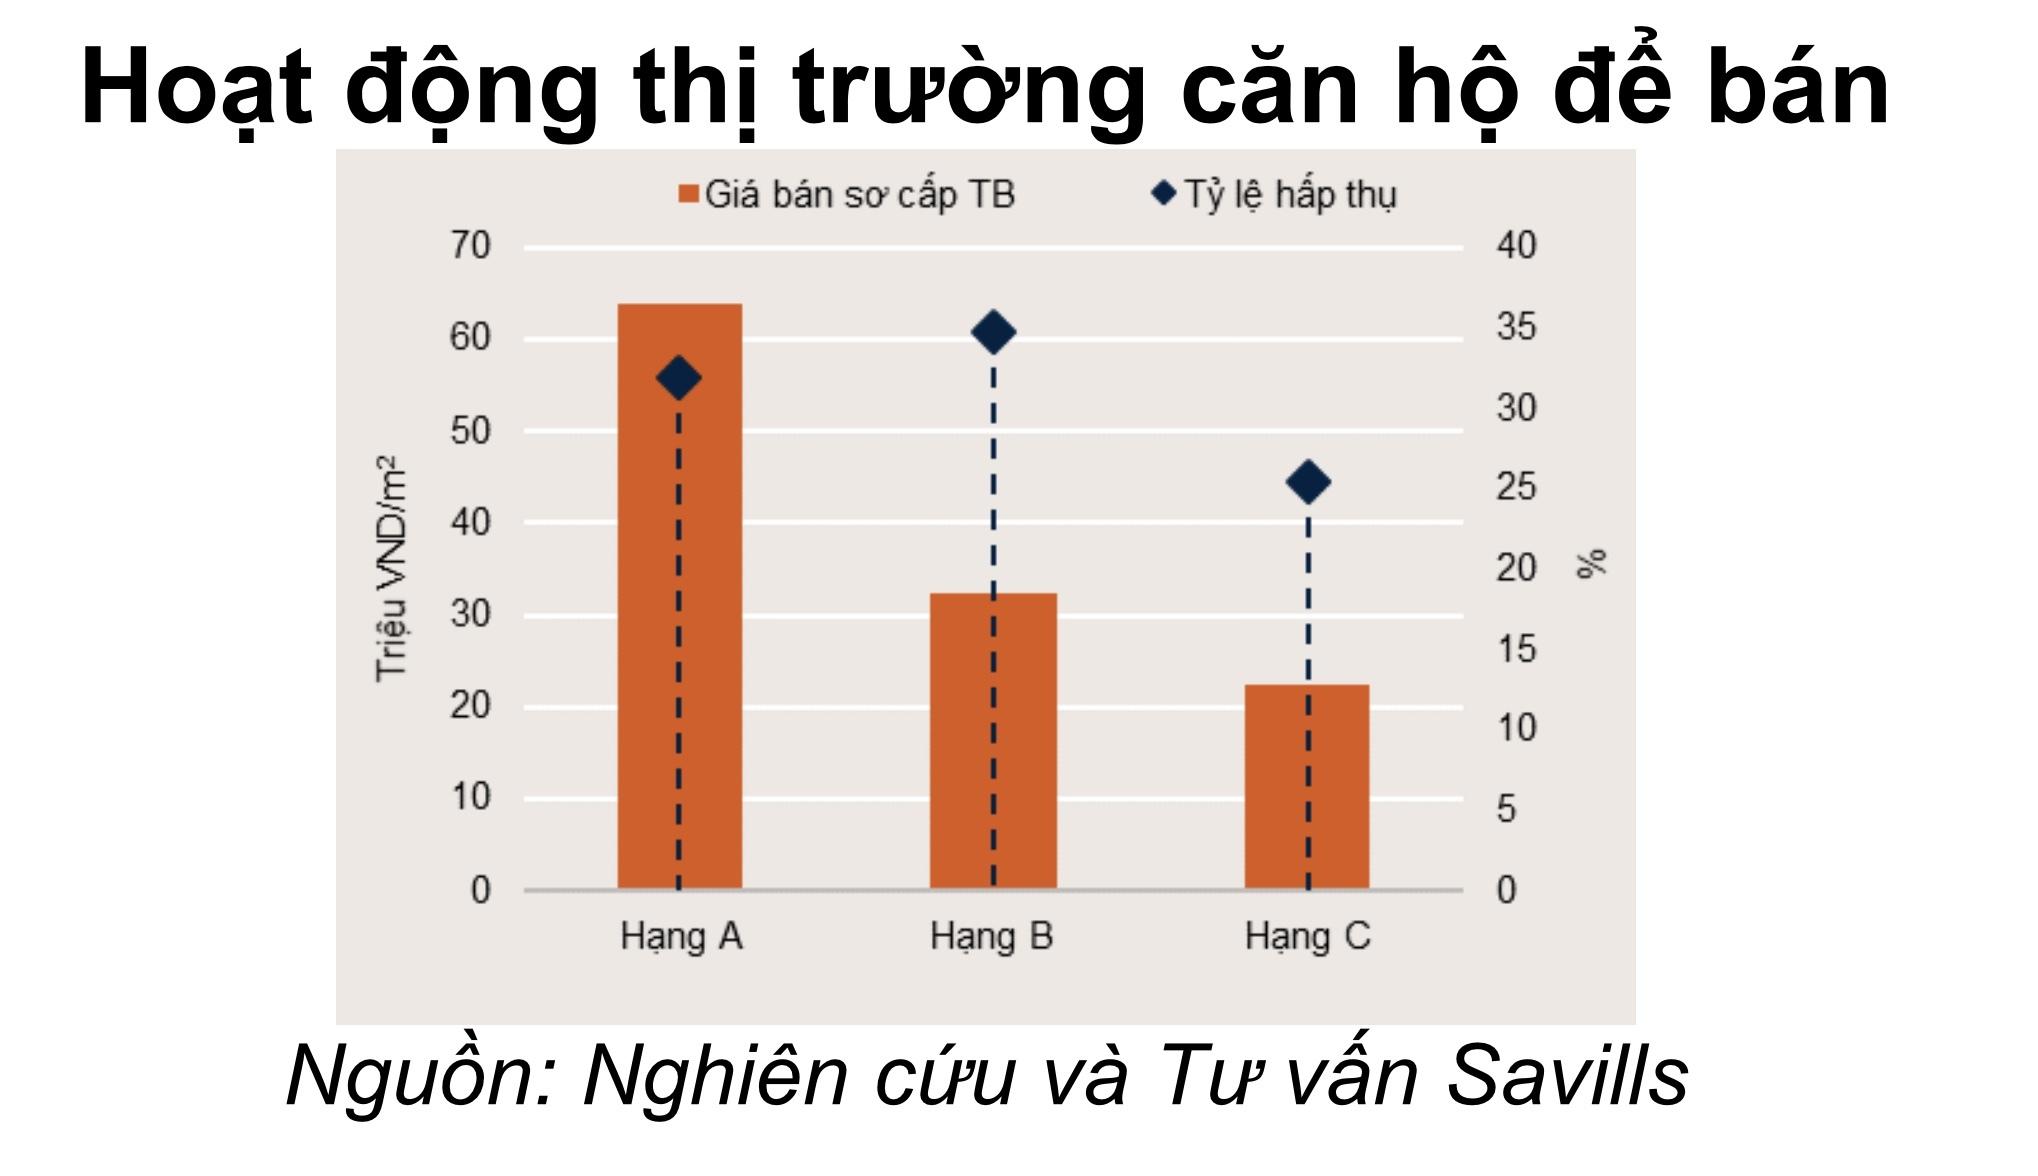 Hoạt động căn hộ để bán tại Hà Nội (Nguồn: Savills Việt Nam)